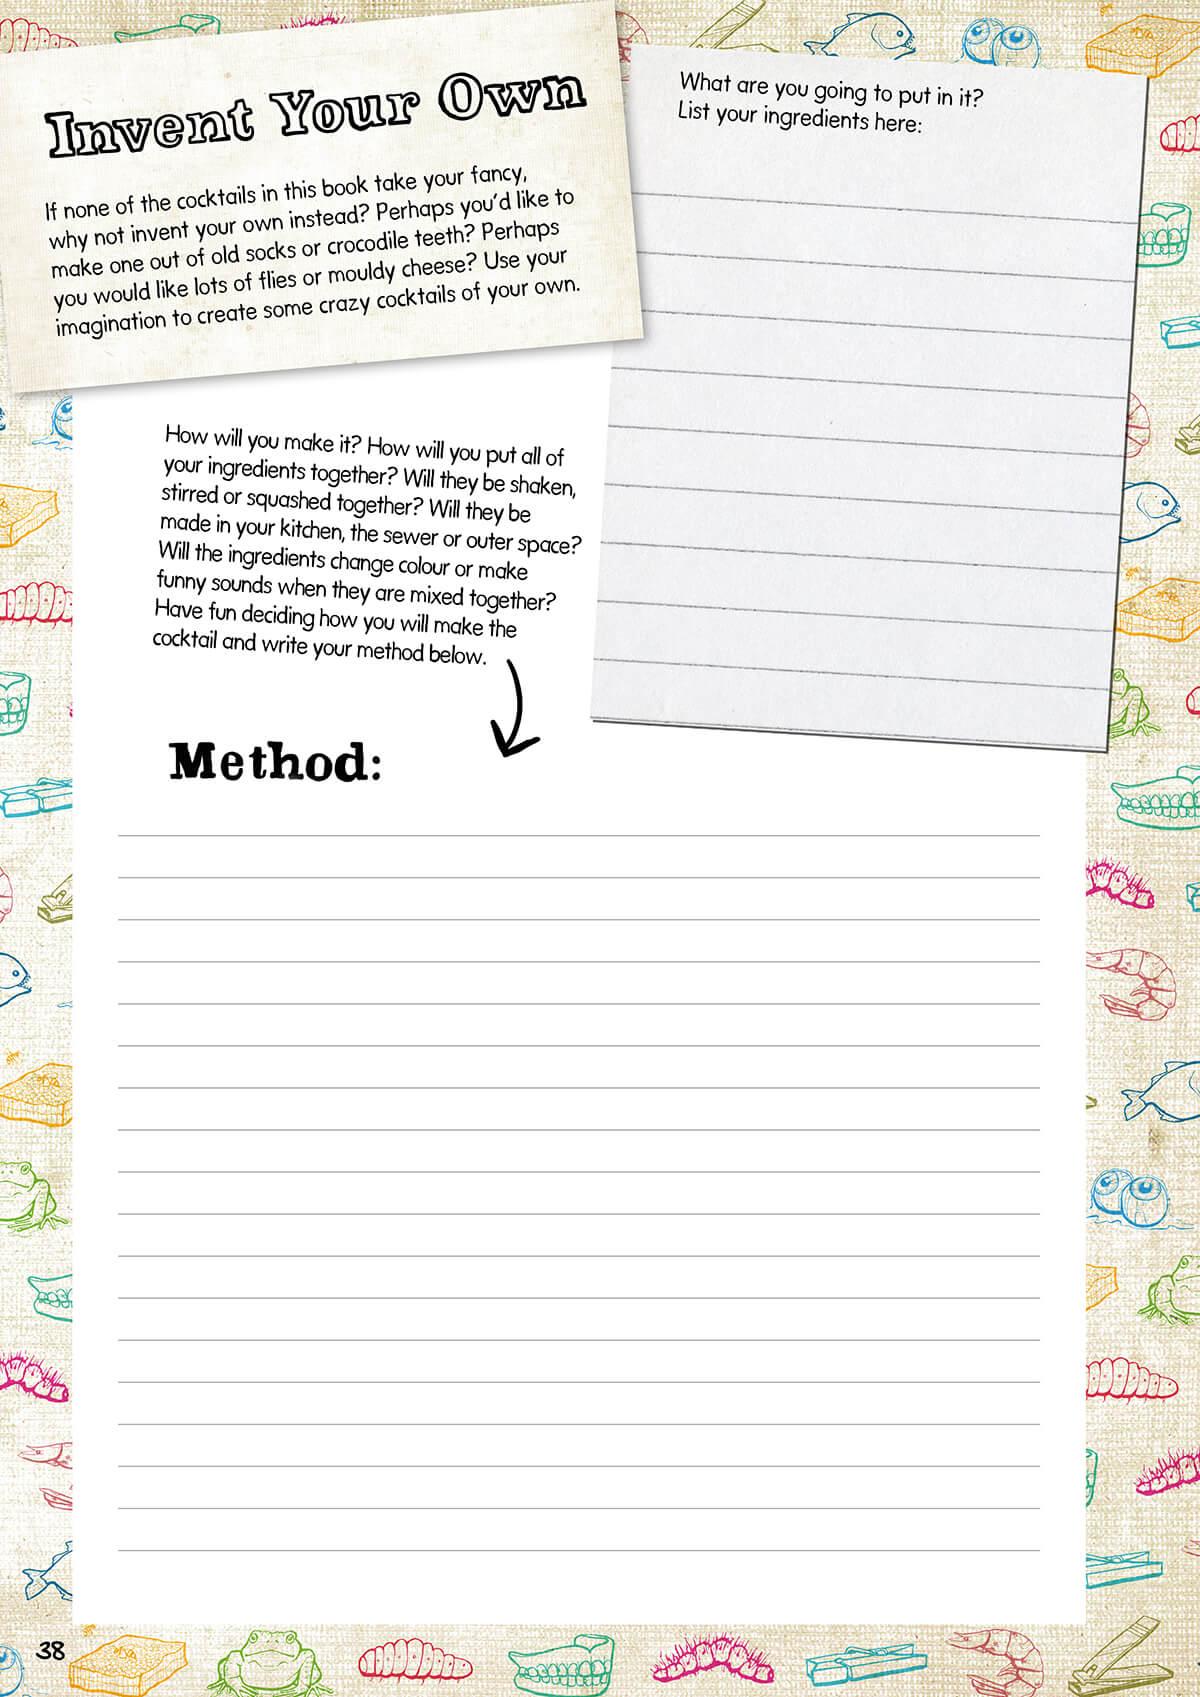 Sheet one, for older children